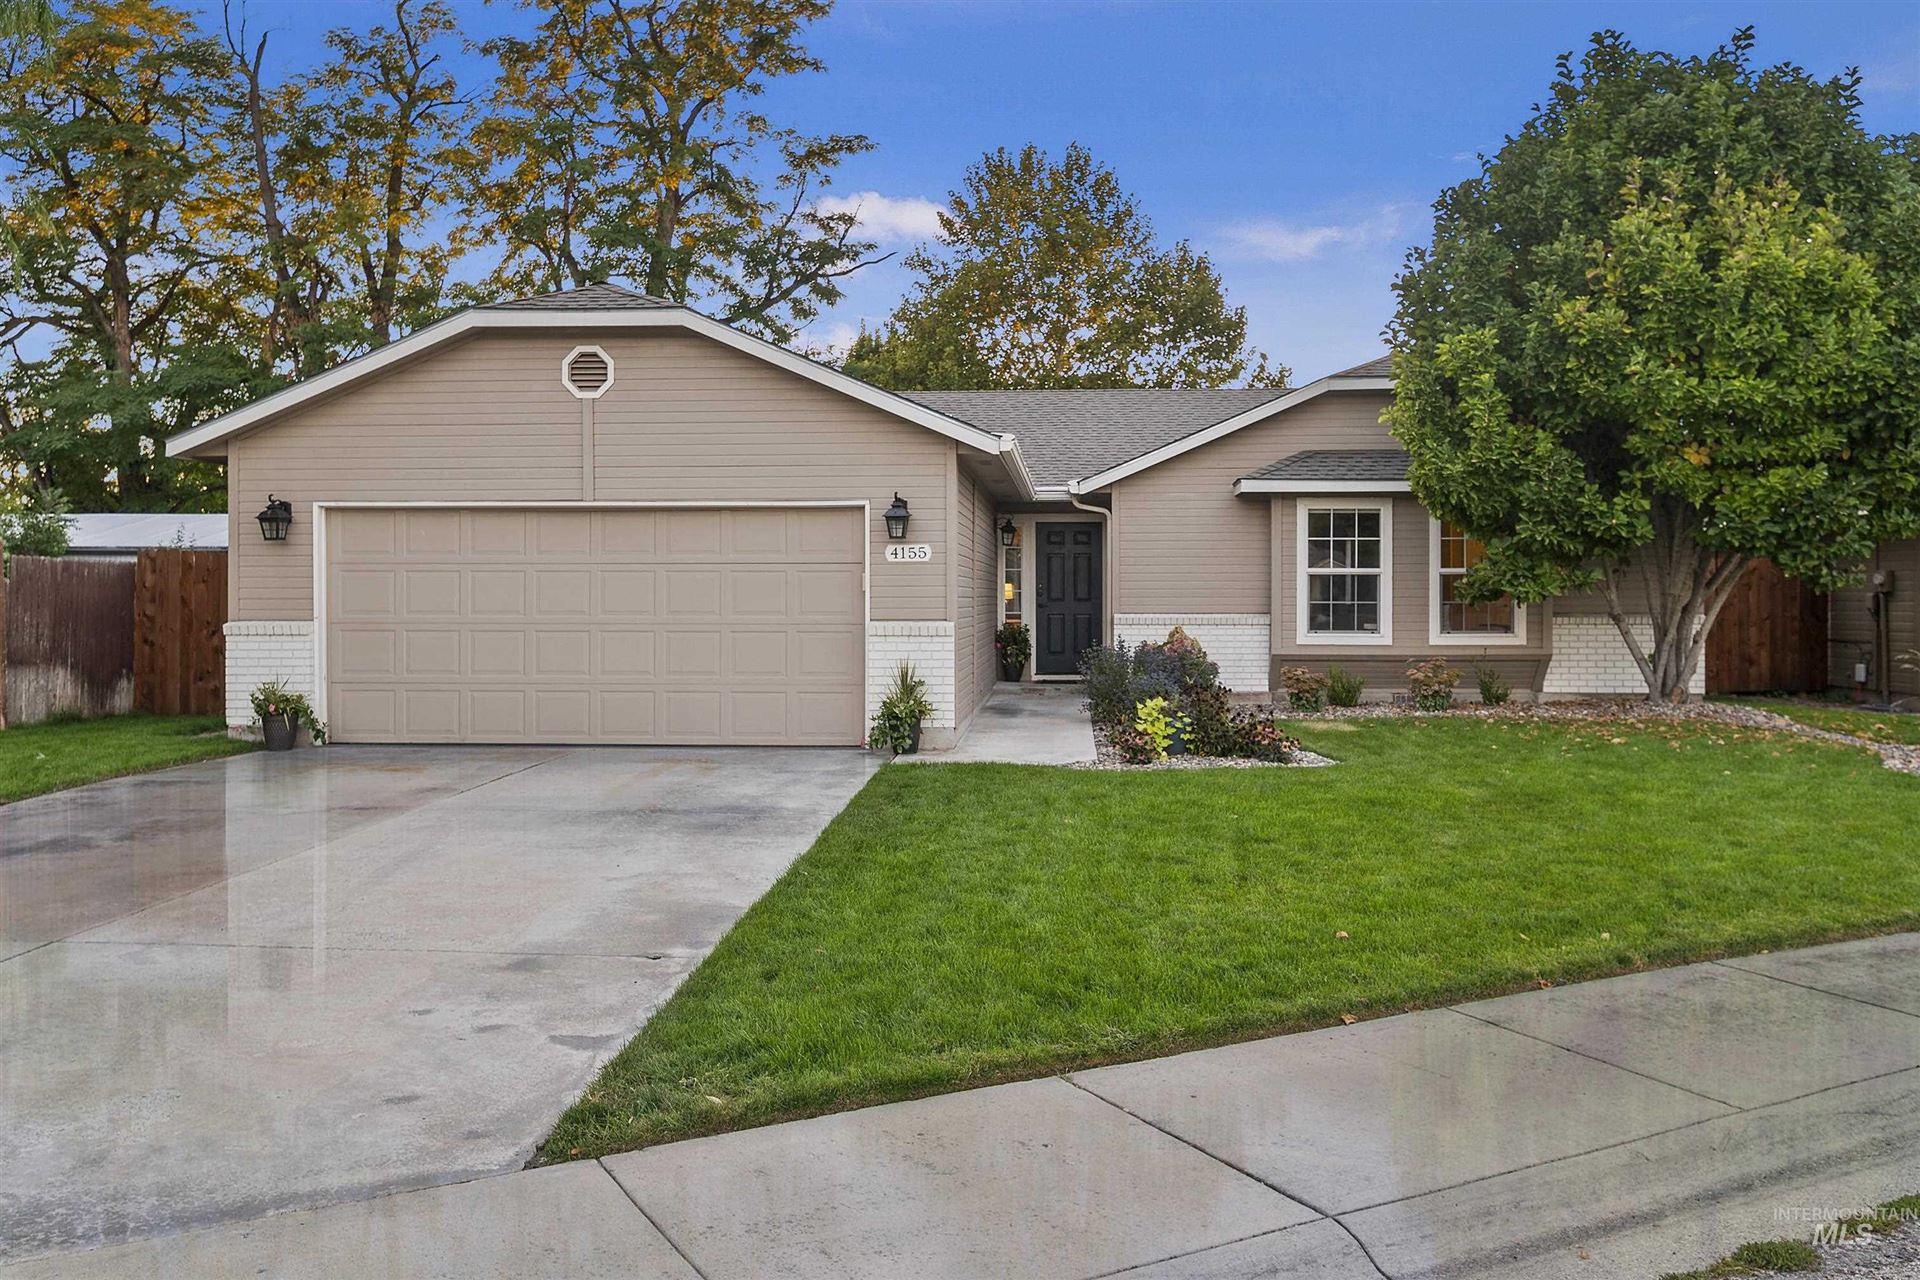 Photo of 4155 N Sorrel Pl., Boise, ID 83703 (MLS # 98819441)